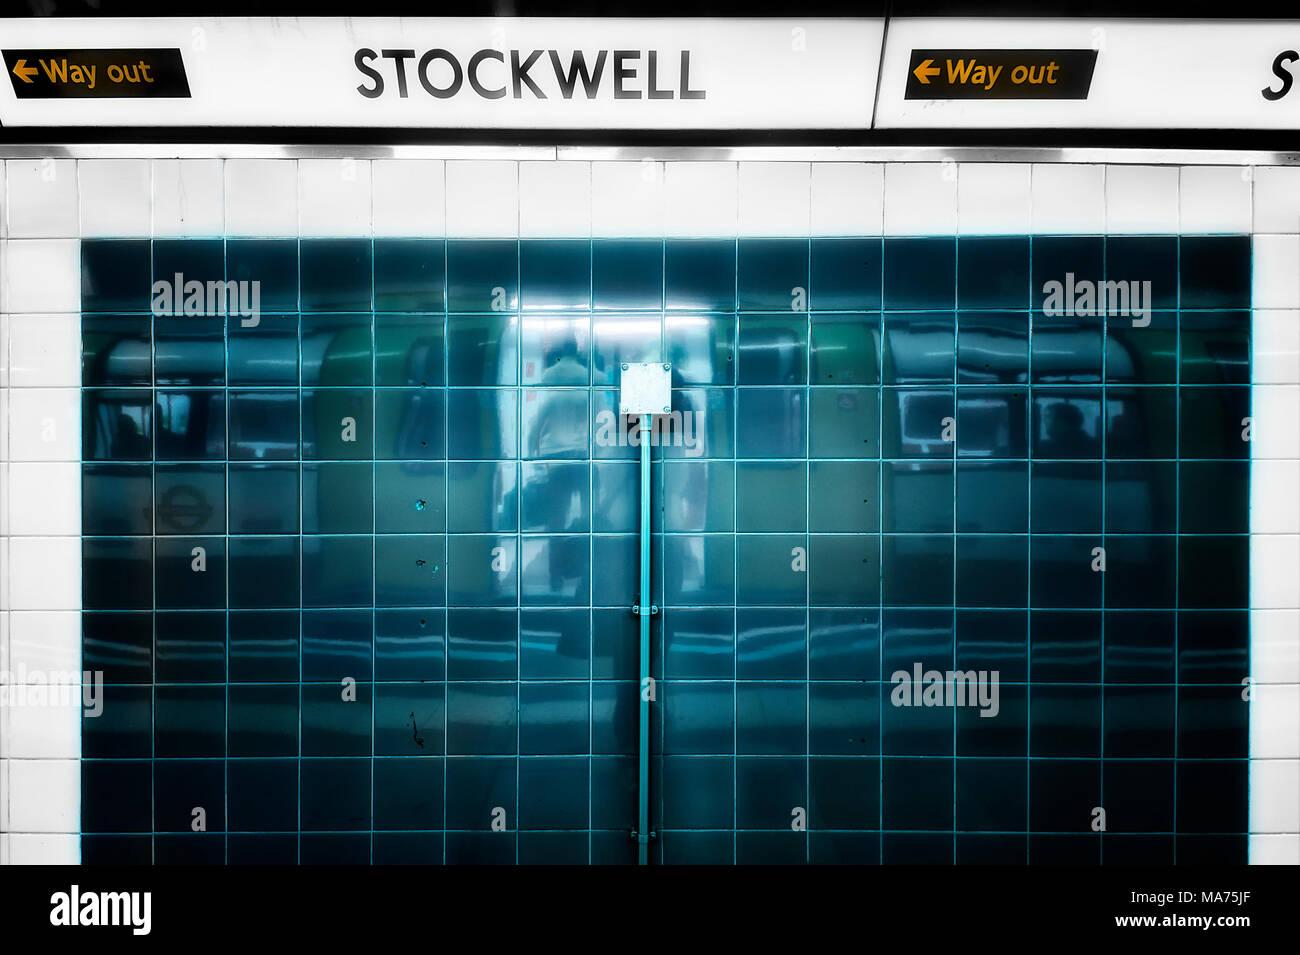 London Underground Tube Station: Stockwell - Stock Image